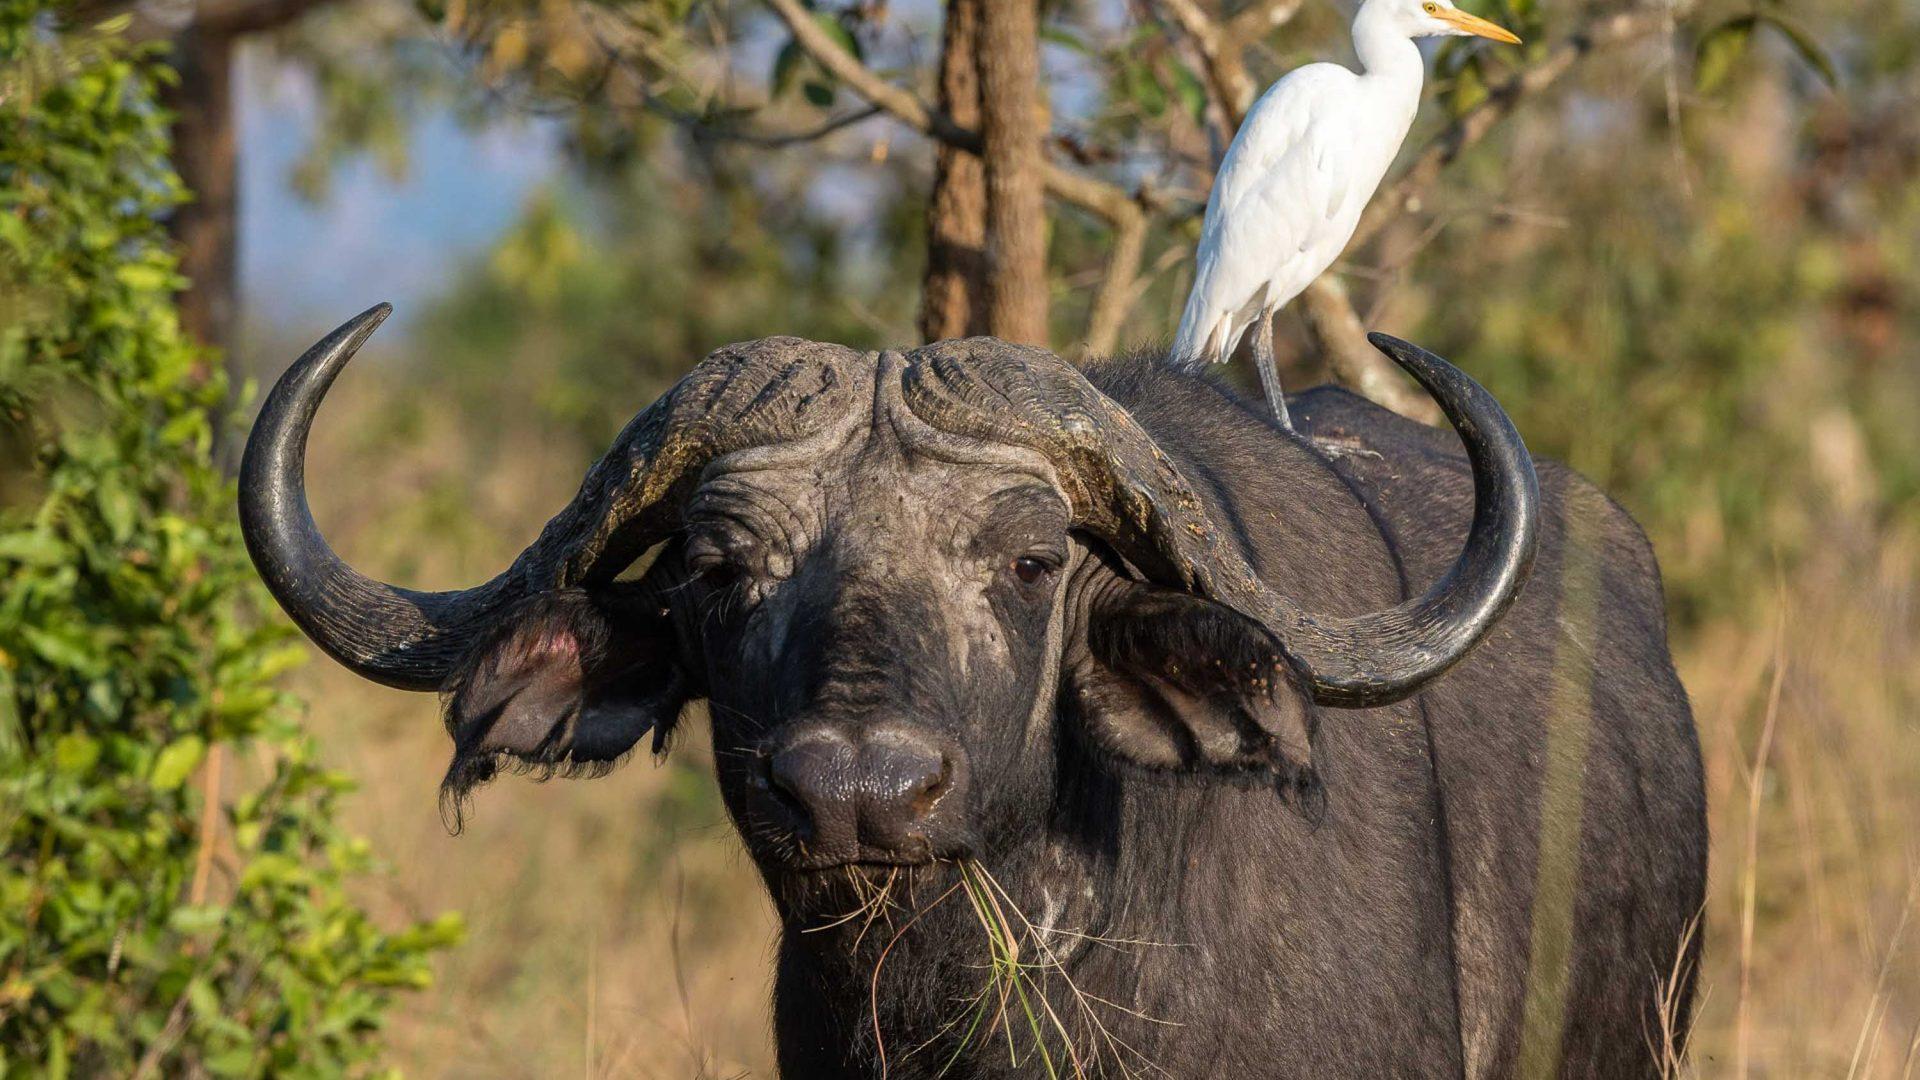 A buffalo at Magashi Camp in Rwanda.